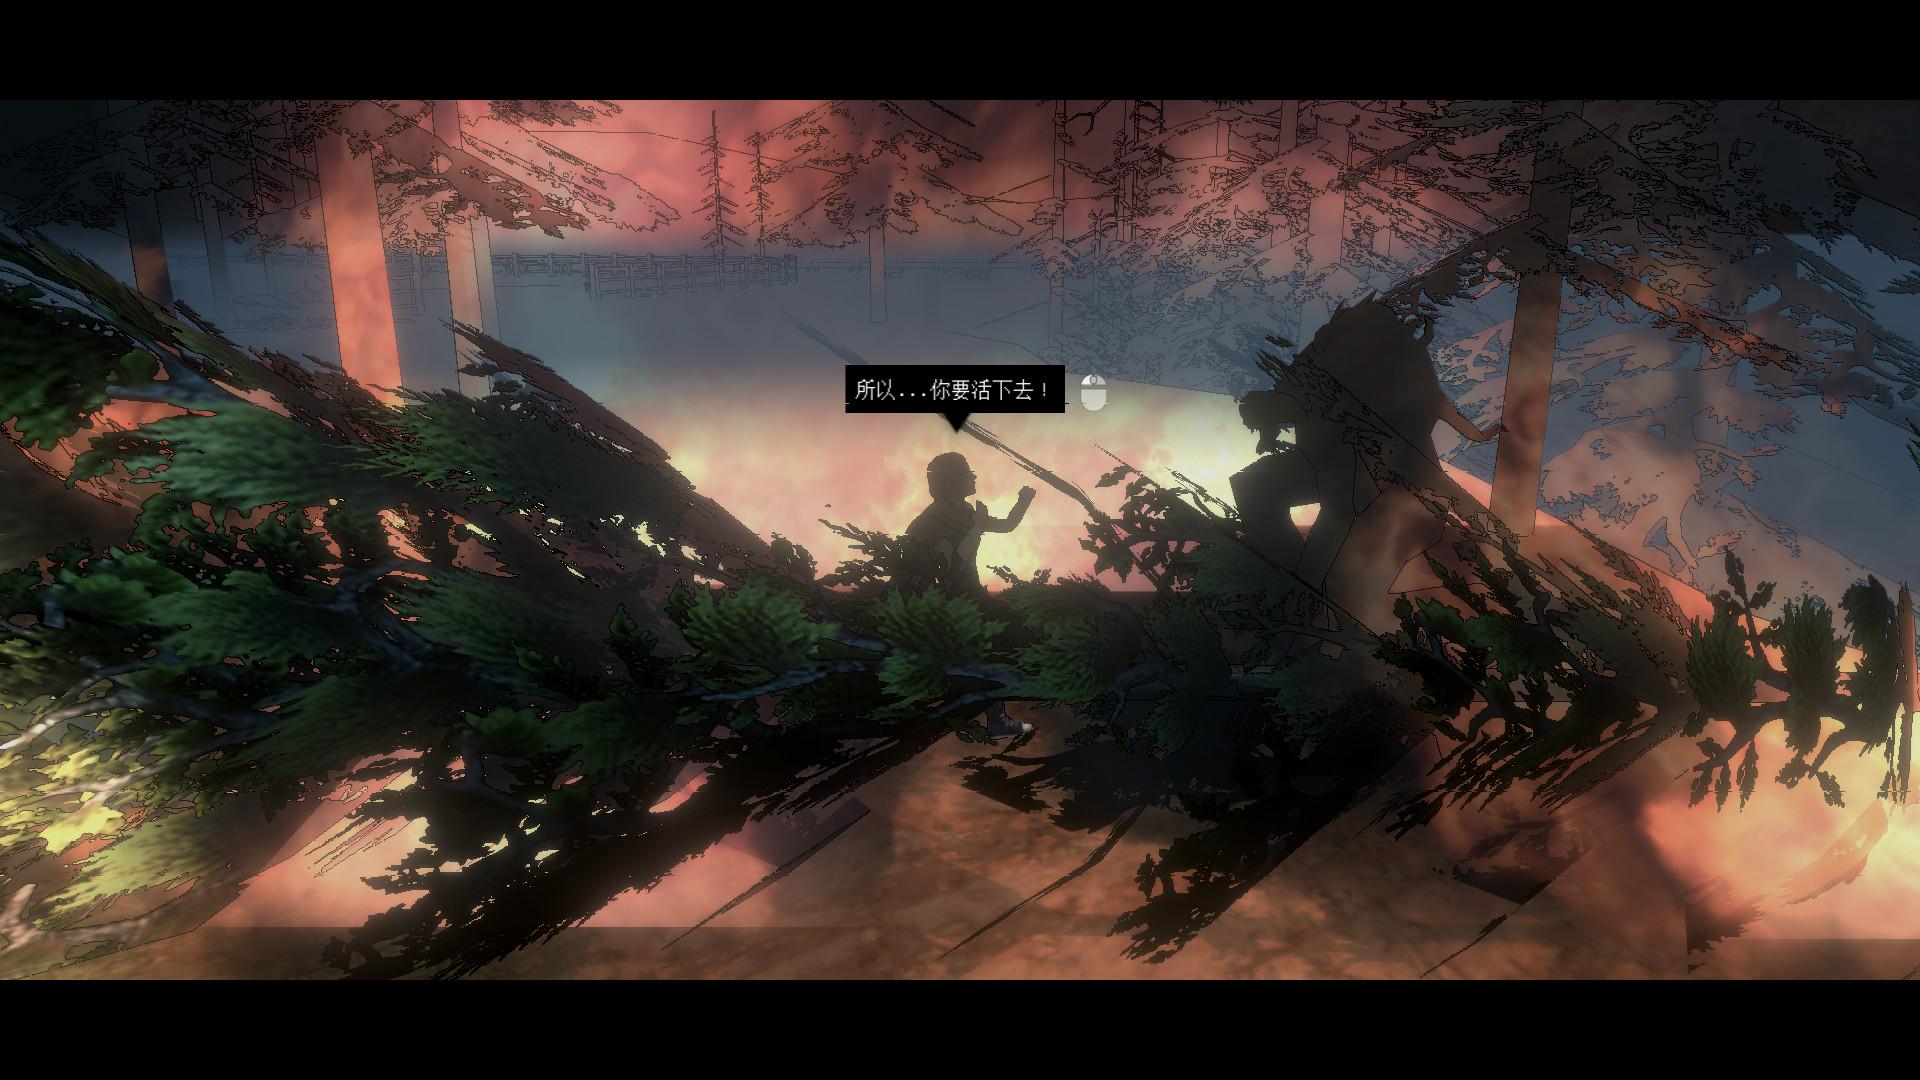 永夜之地/进化启示录/Night Island插图2